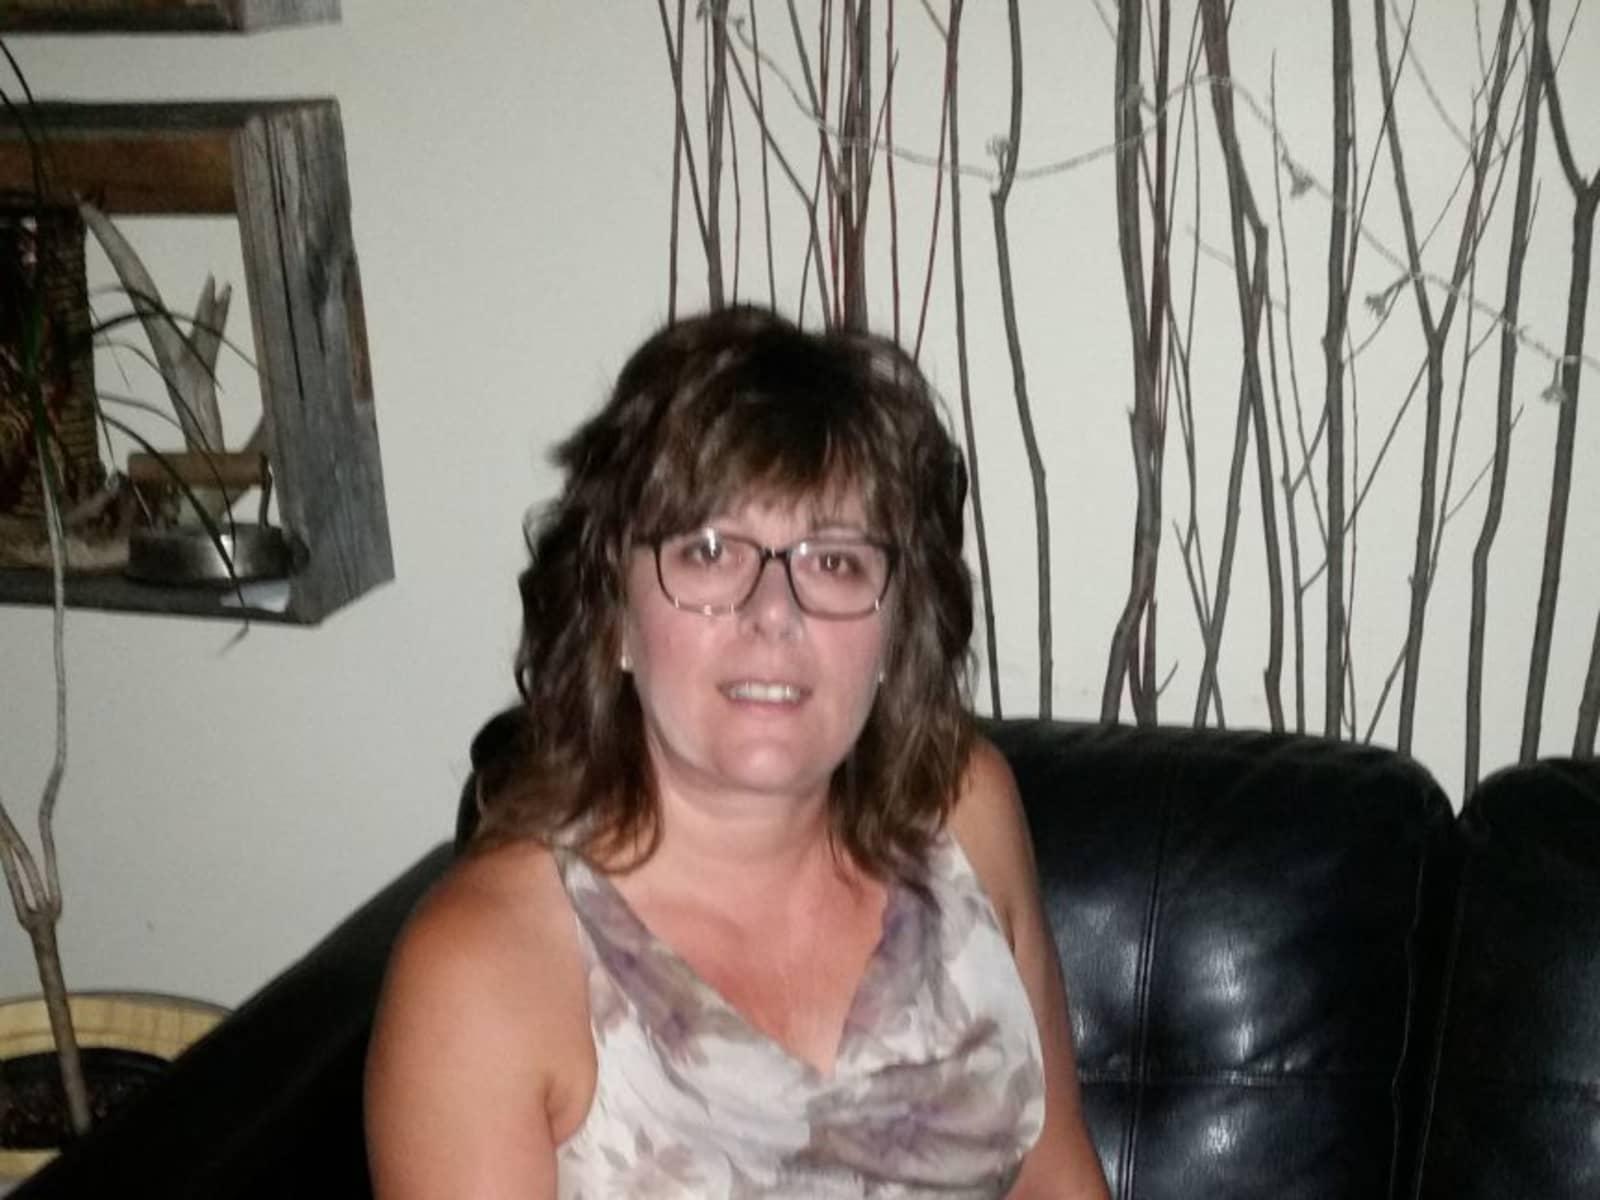 Diana from Meadow Lake, Saskatchewan, Canada